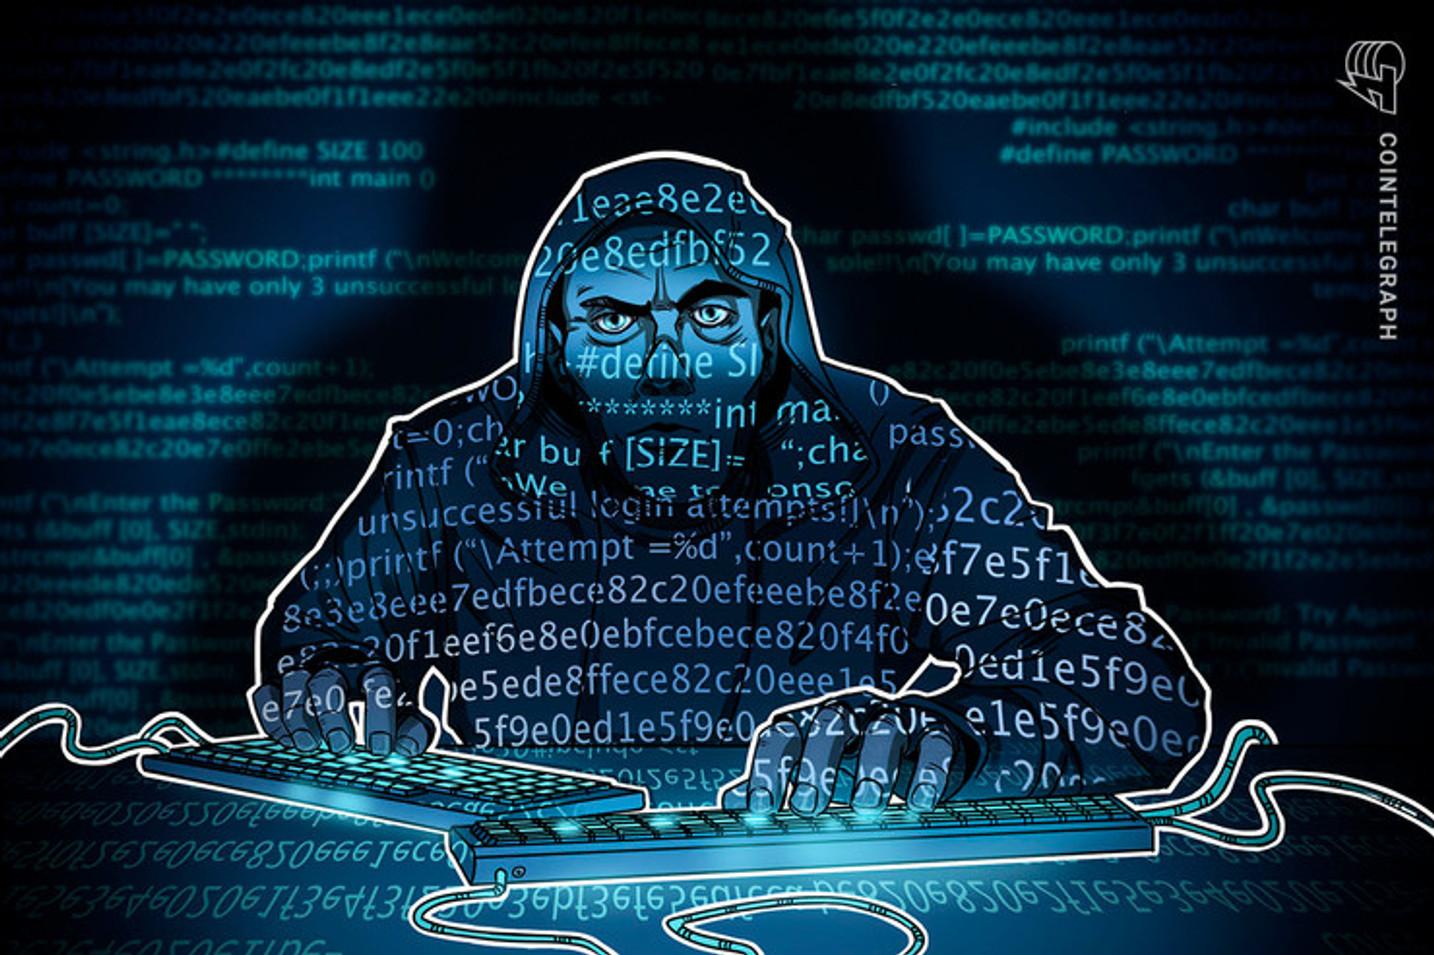 Desde IBM plantean que blockchain podría ayudar a combatir el robo de información